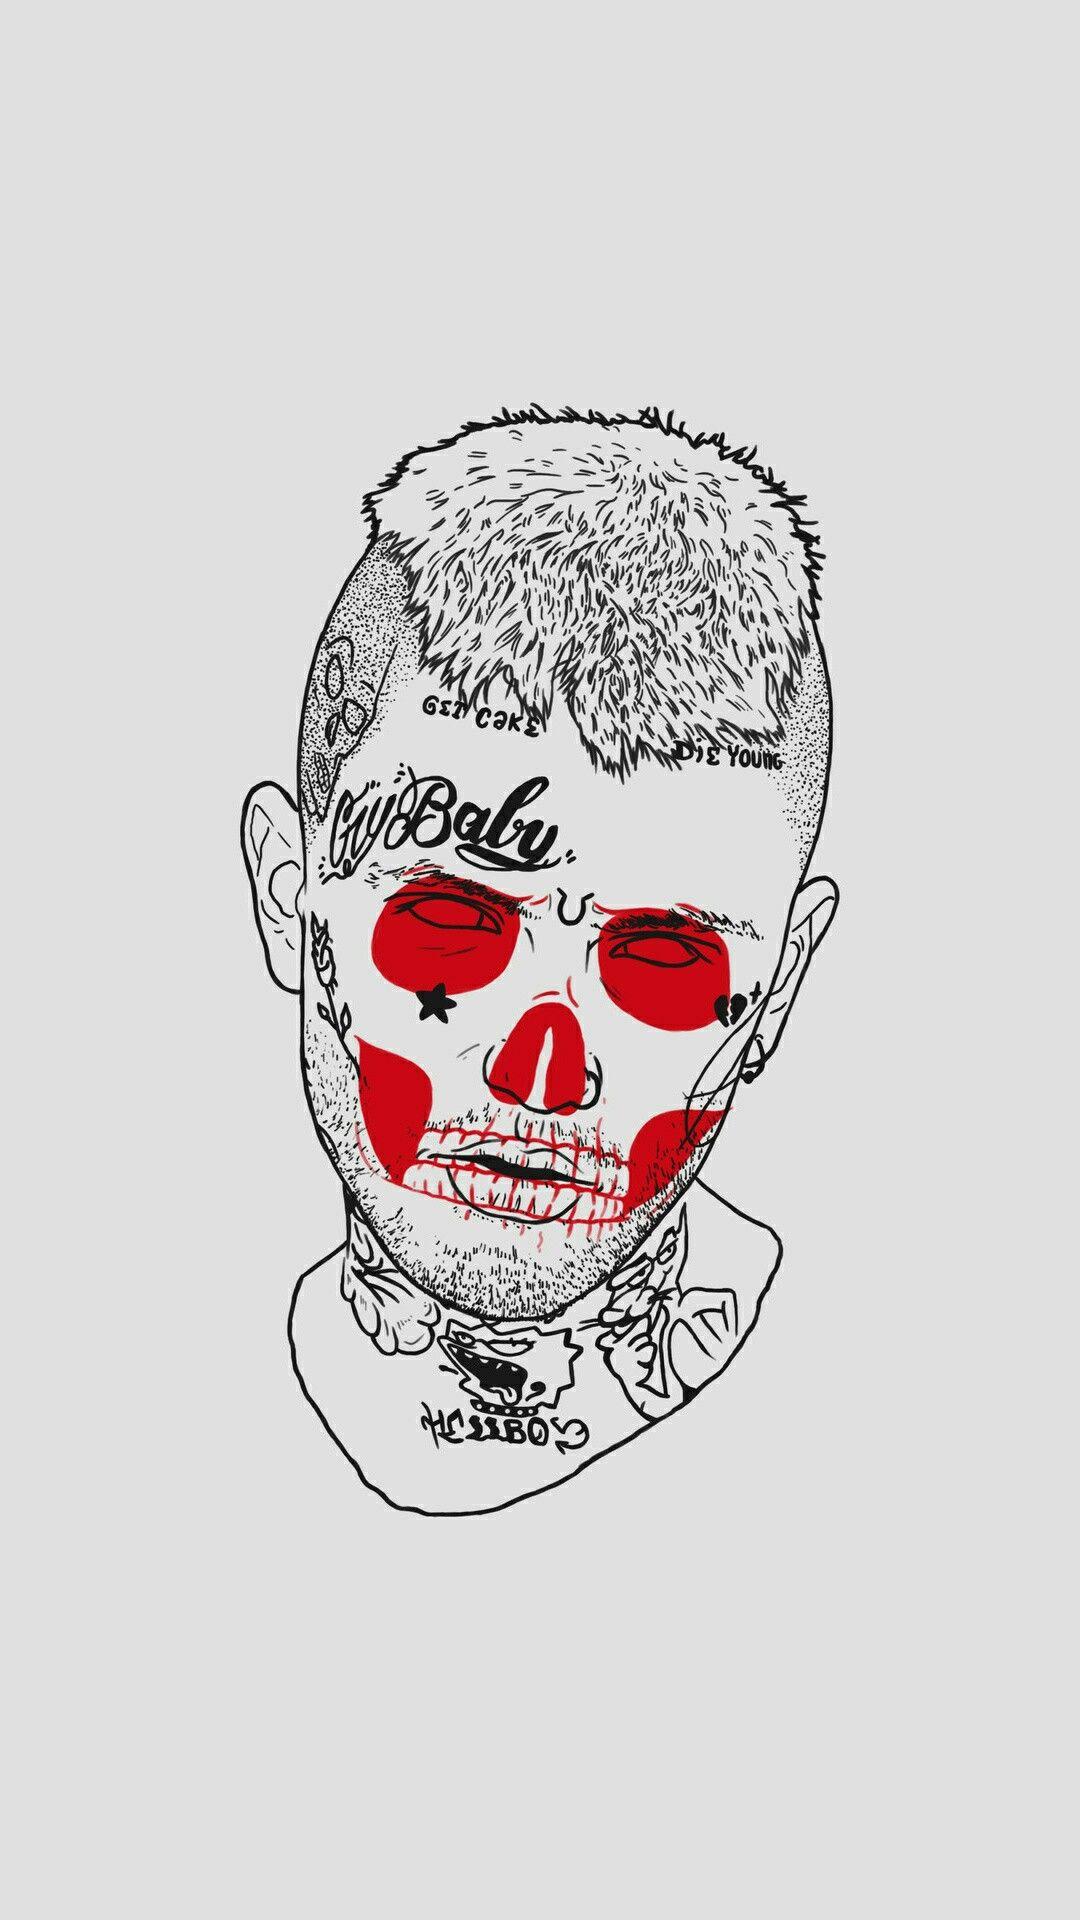 Pin by Lil Peep96 on Wallpaper Lil peep tattoos, Lil